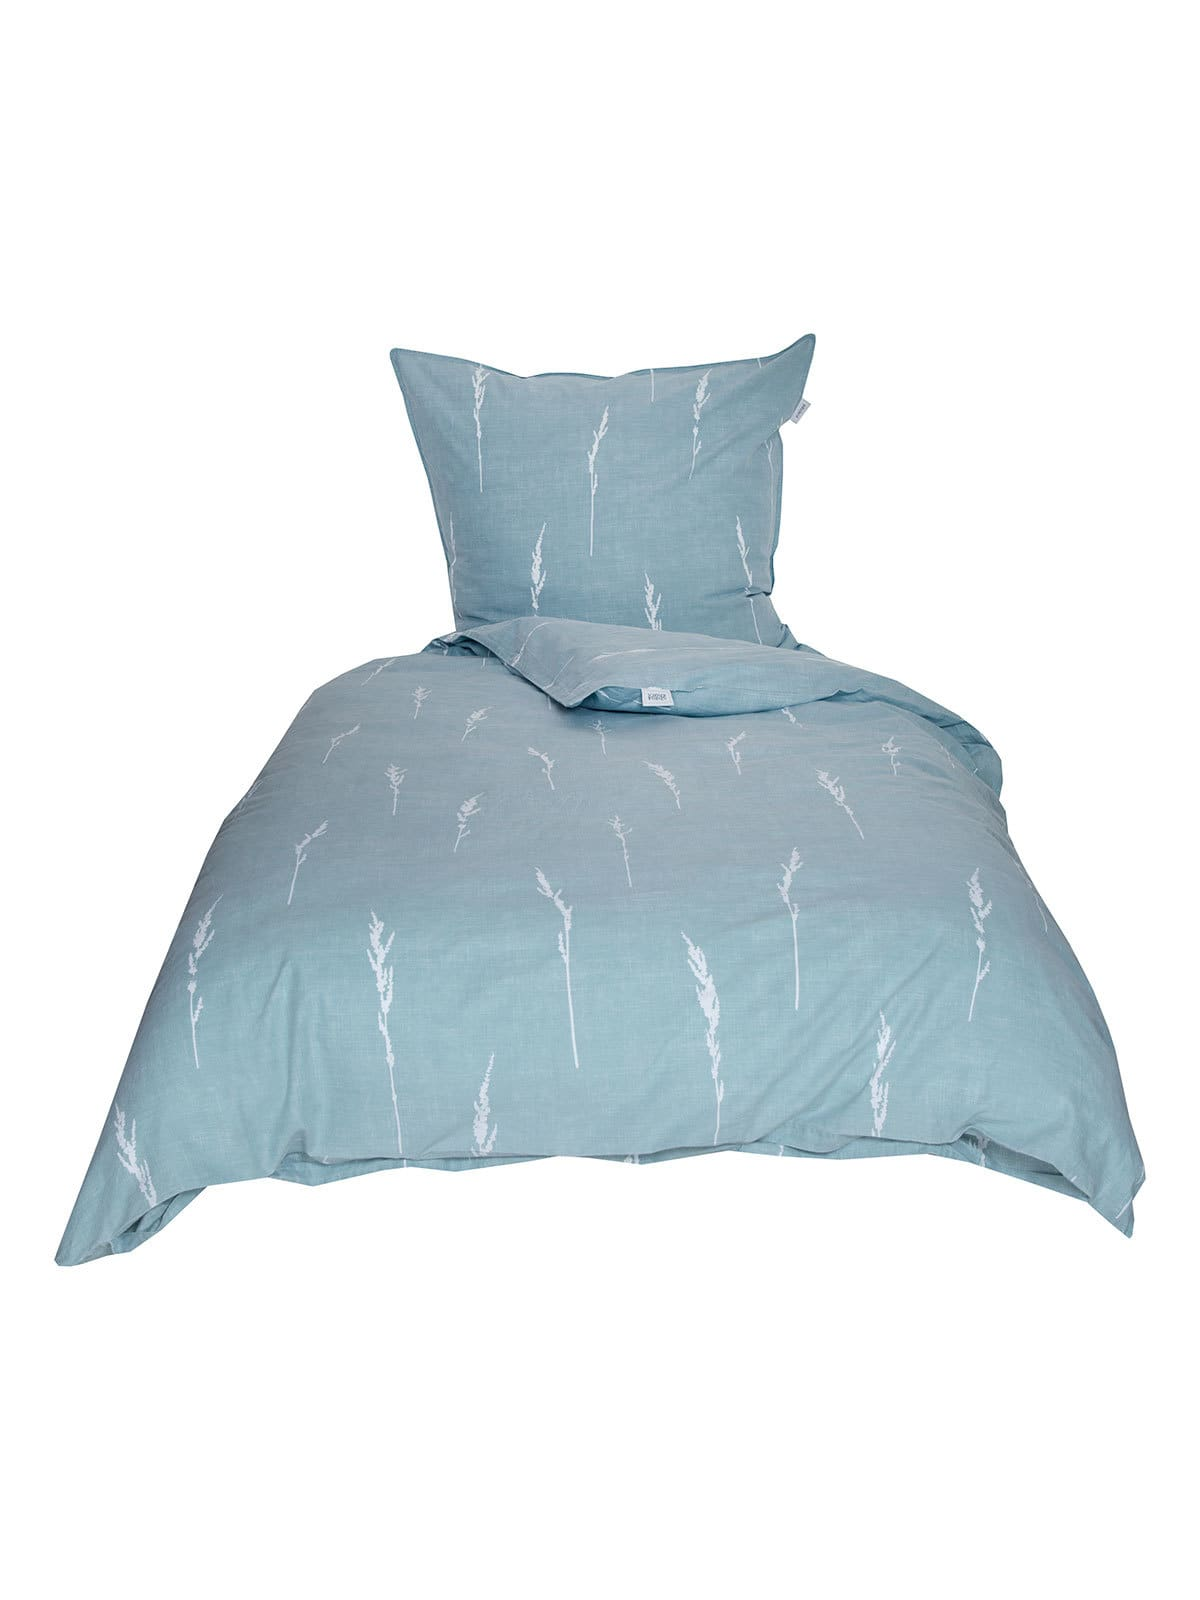 sch ner wohnen bettw sche gras b mint g nstig online. Black Bedroom Furniture Sets. Home Design Ideas